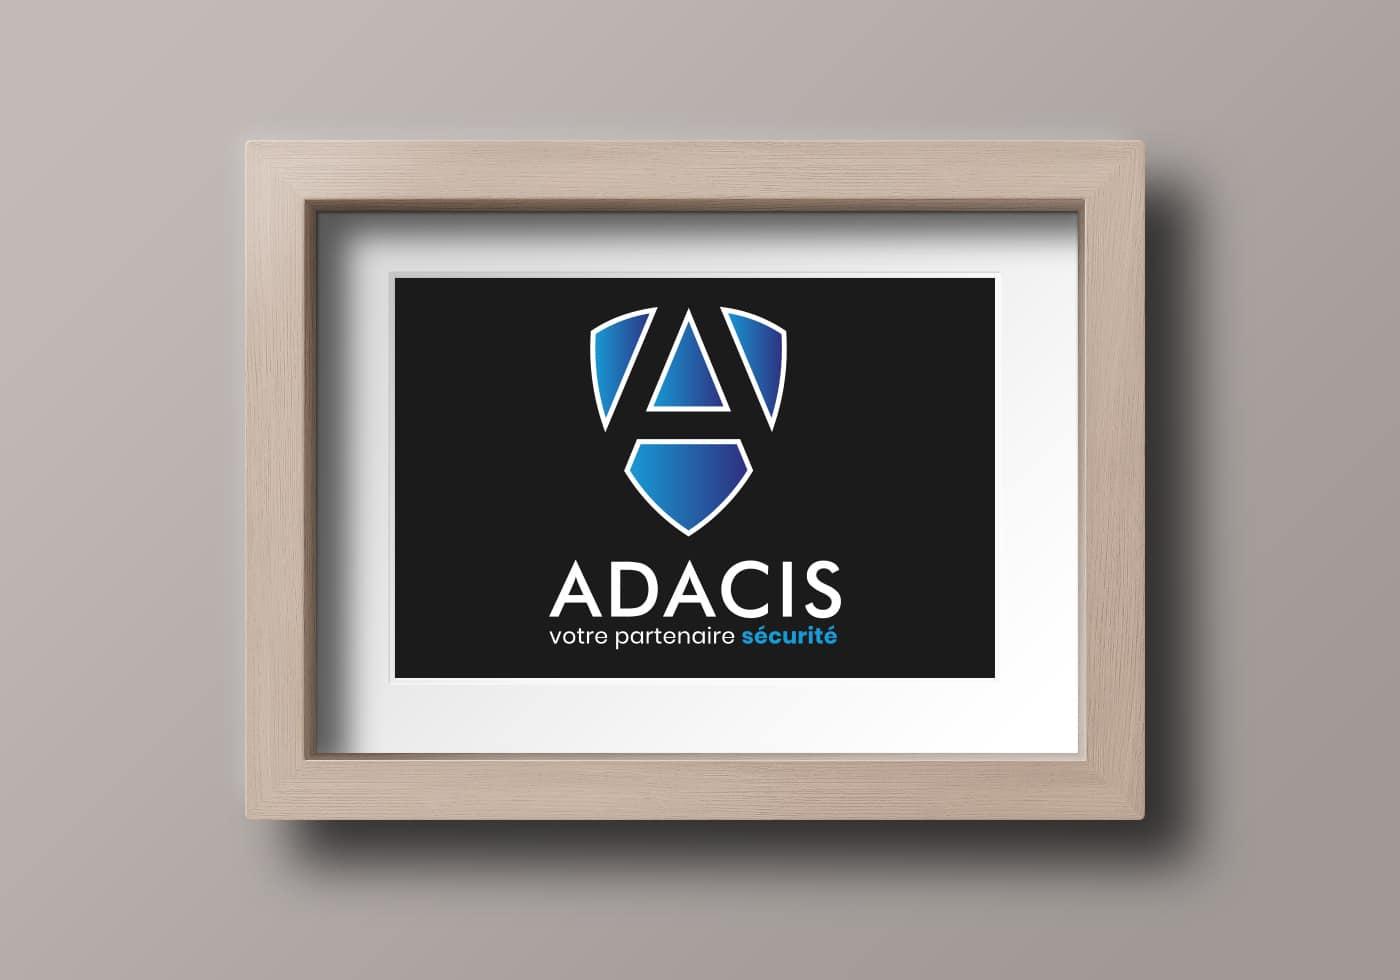 Cadre présentant le logo de la société ADACIS